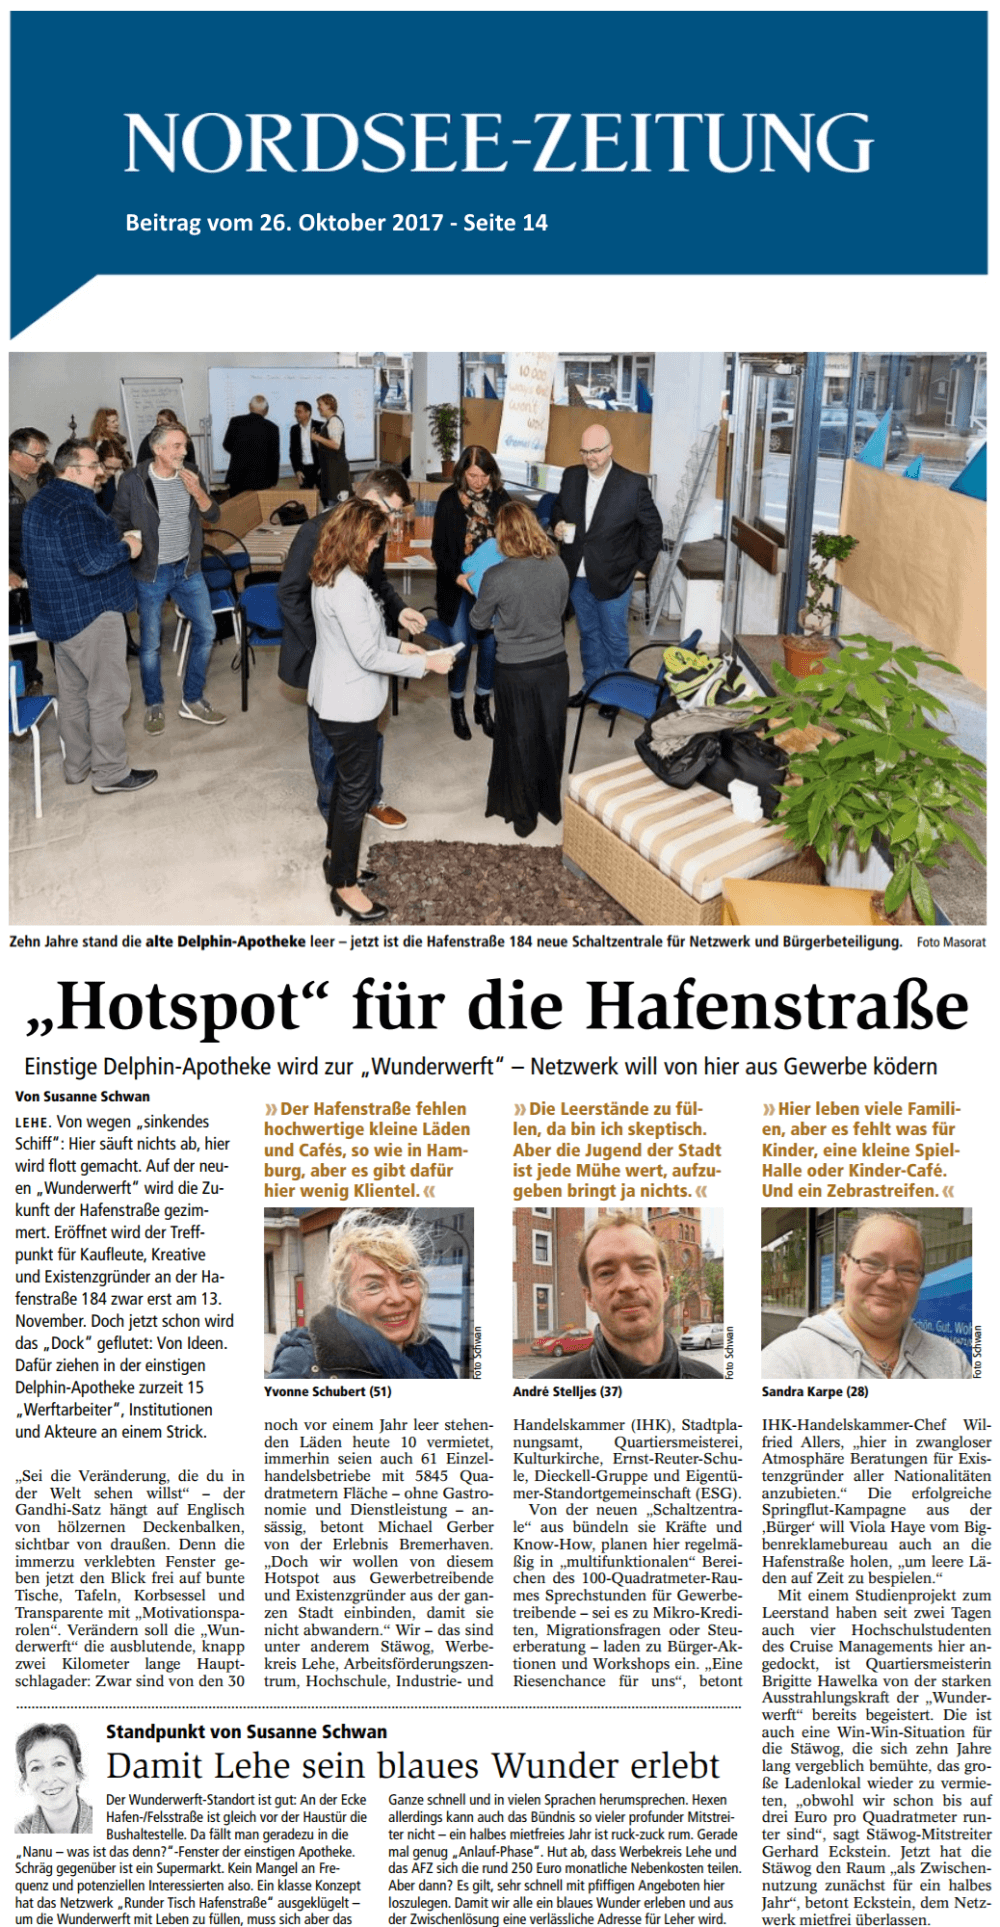 Beitrag zur wunderwerft in der Nordsee-Zeitung vom 26.10.2017